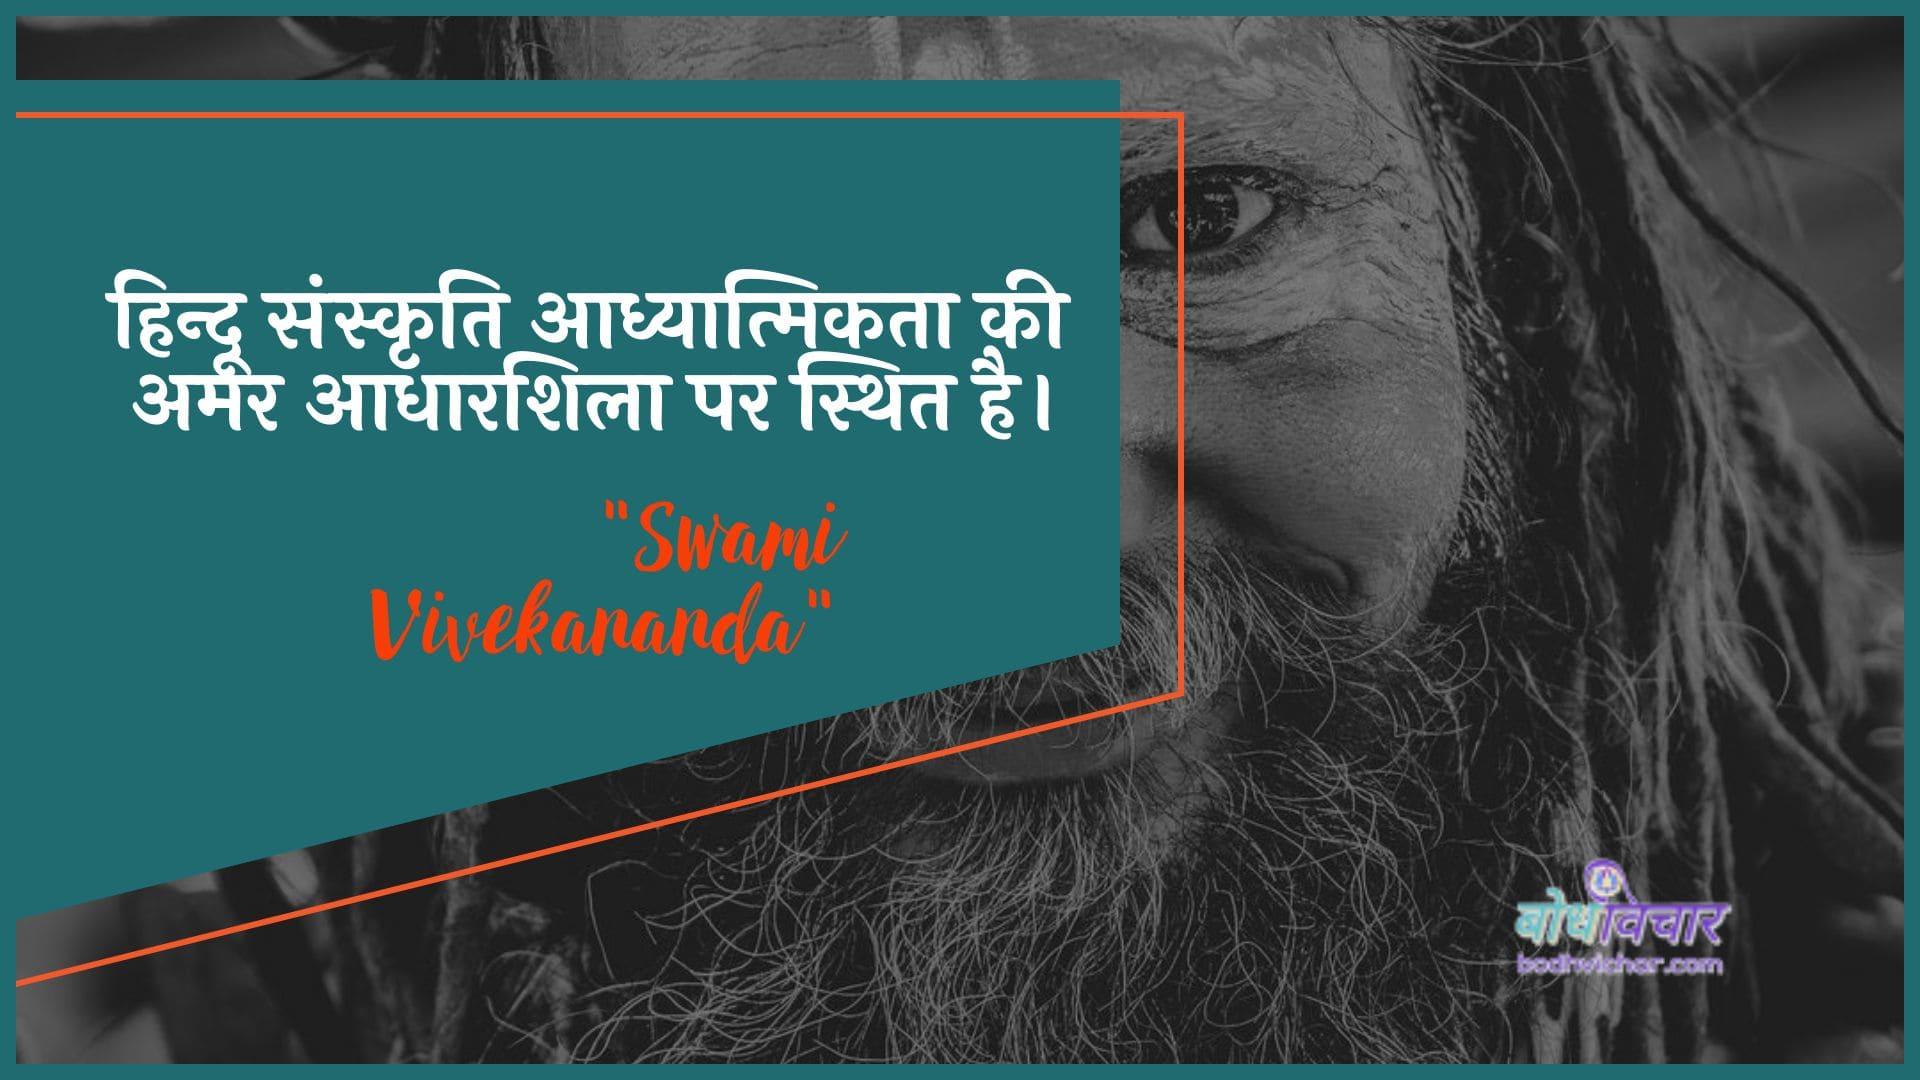 हिन्दू संस्कृति आध्यात्मिकता की अमर आधारशिला पर स्थित है। : Hindoo sanskrti aadhyaatmikata kee amar aadhaarashila par sthit hai. - स्वामी विवेकानन्द